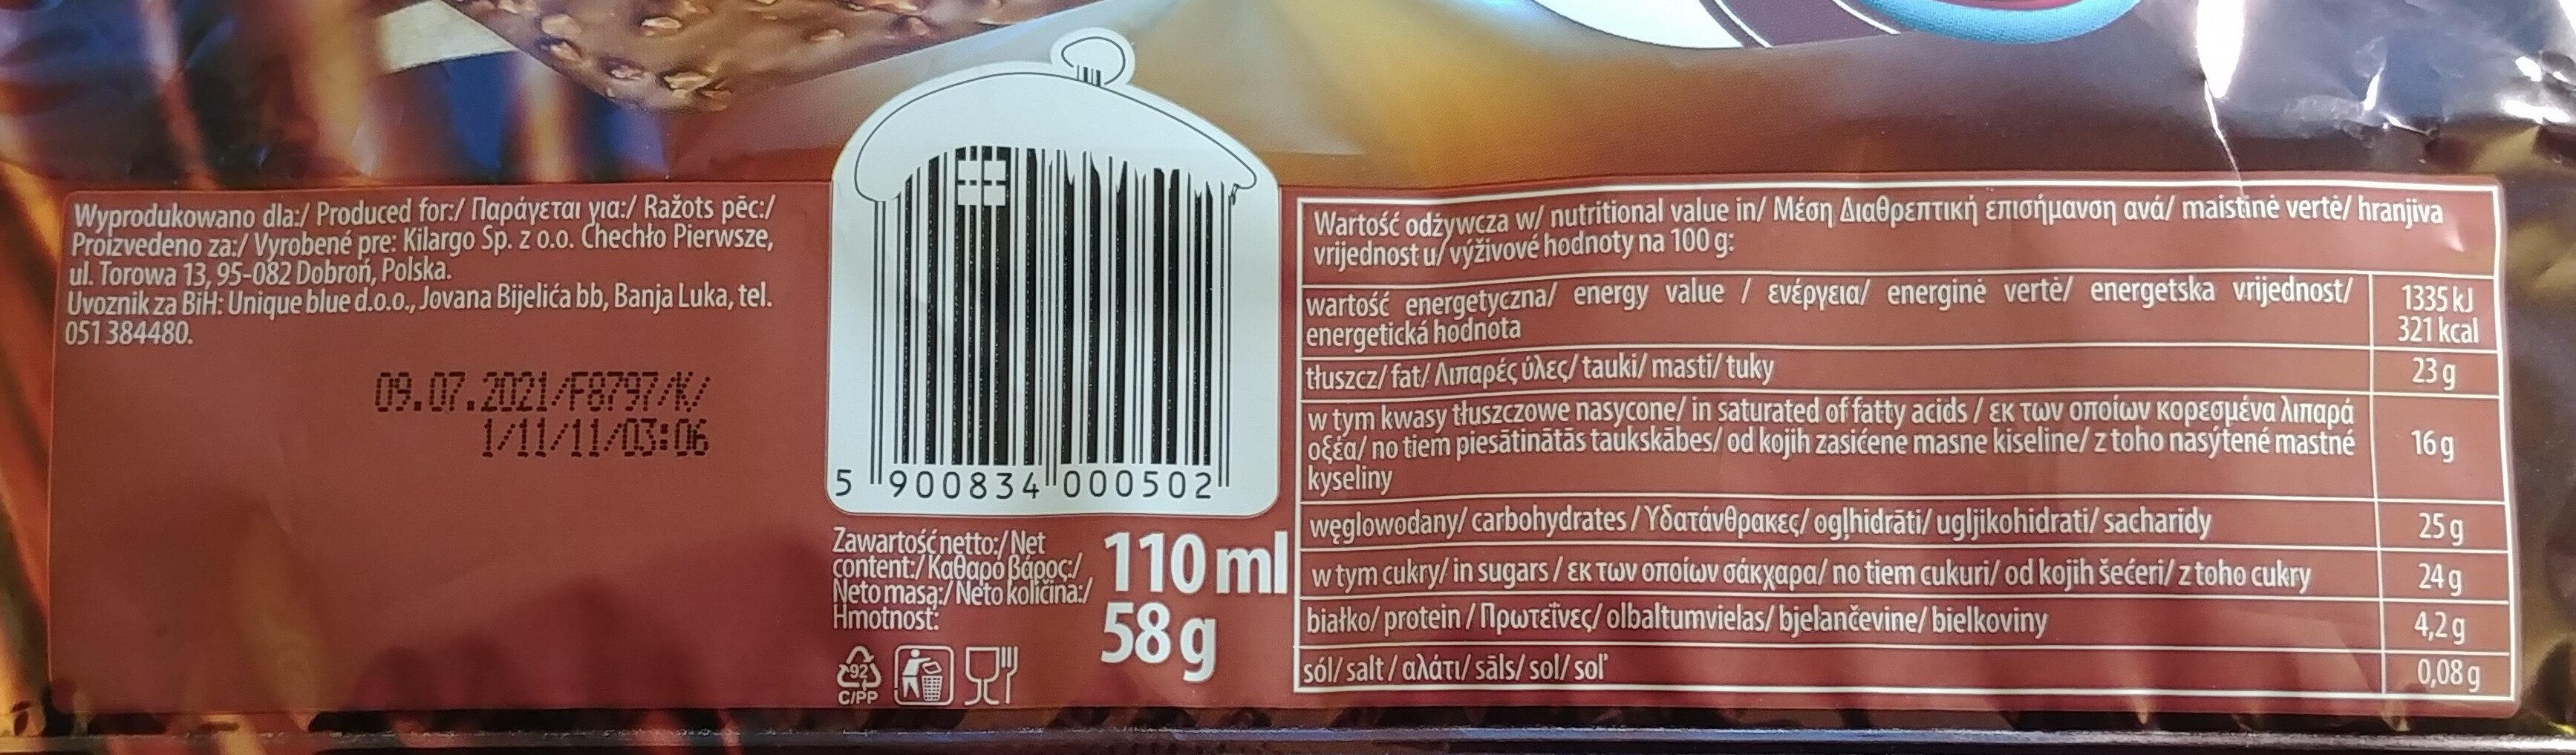 Lody o smaku śmietankowym w polewie kakaowej 26% z orzeszkami arachidowymi - Wartości odżywcze - pl